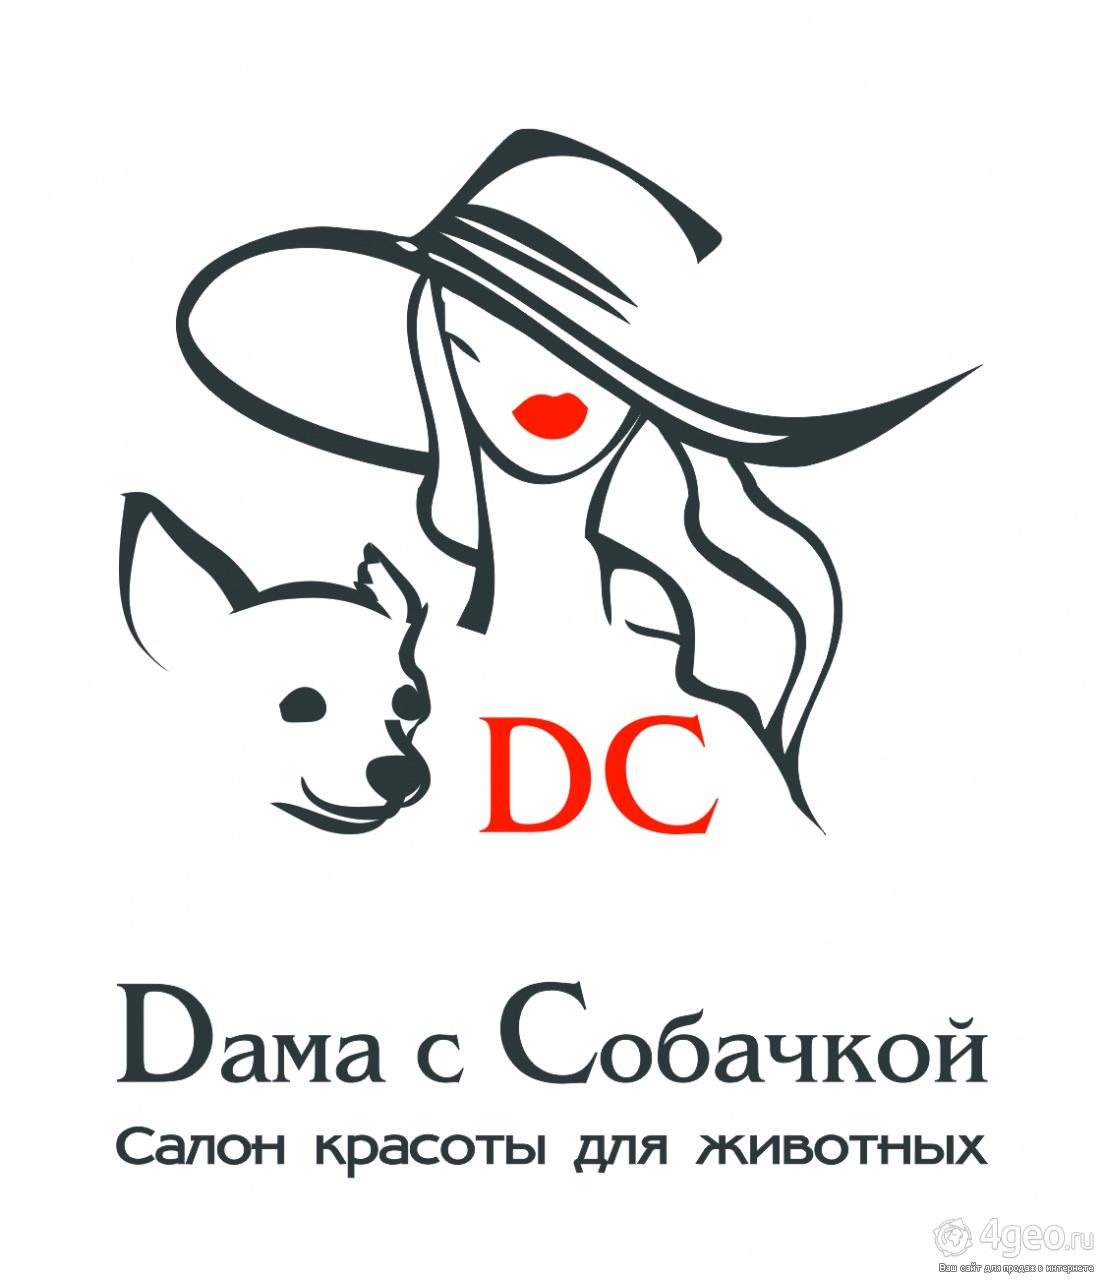 Ветеринарная клиника на костромской цены